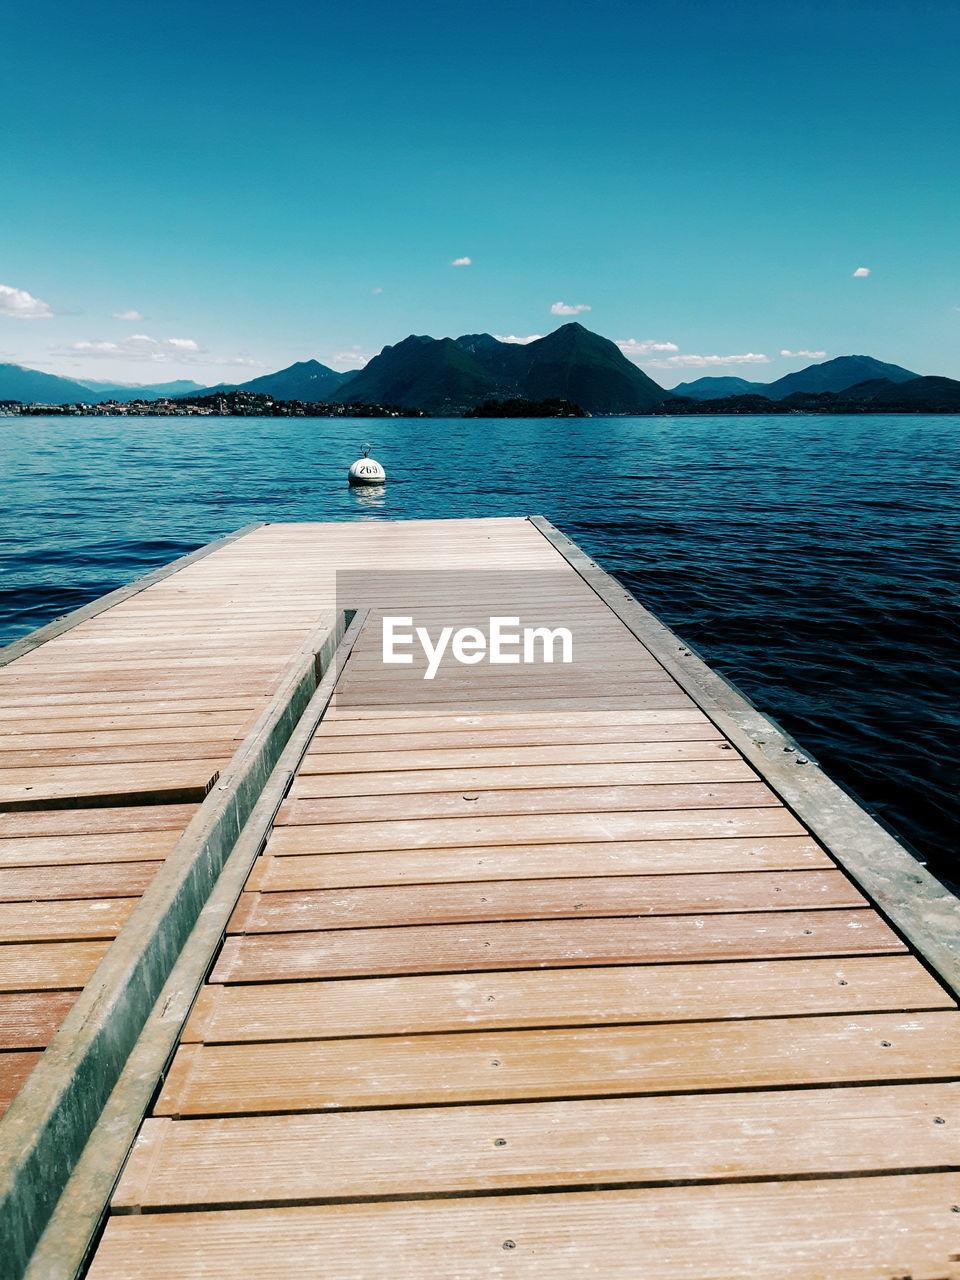 Pier on lake against blue sky